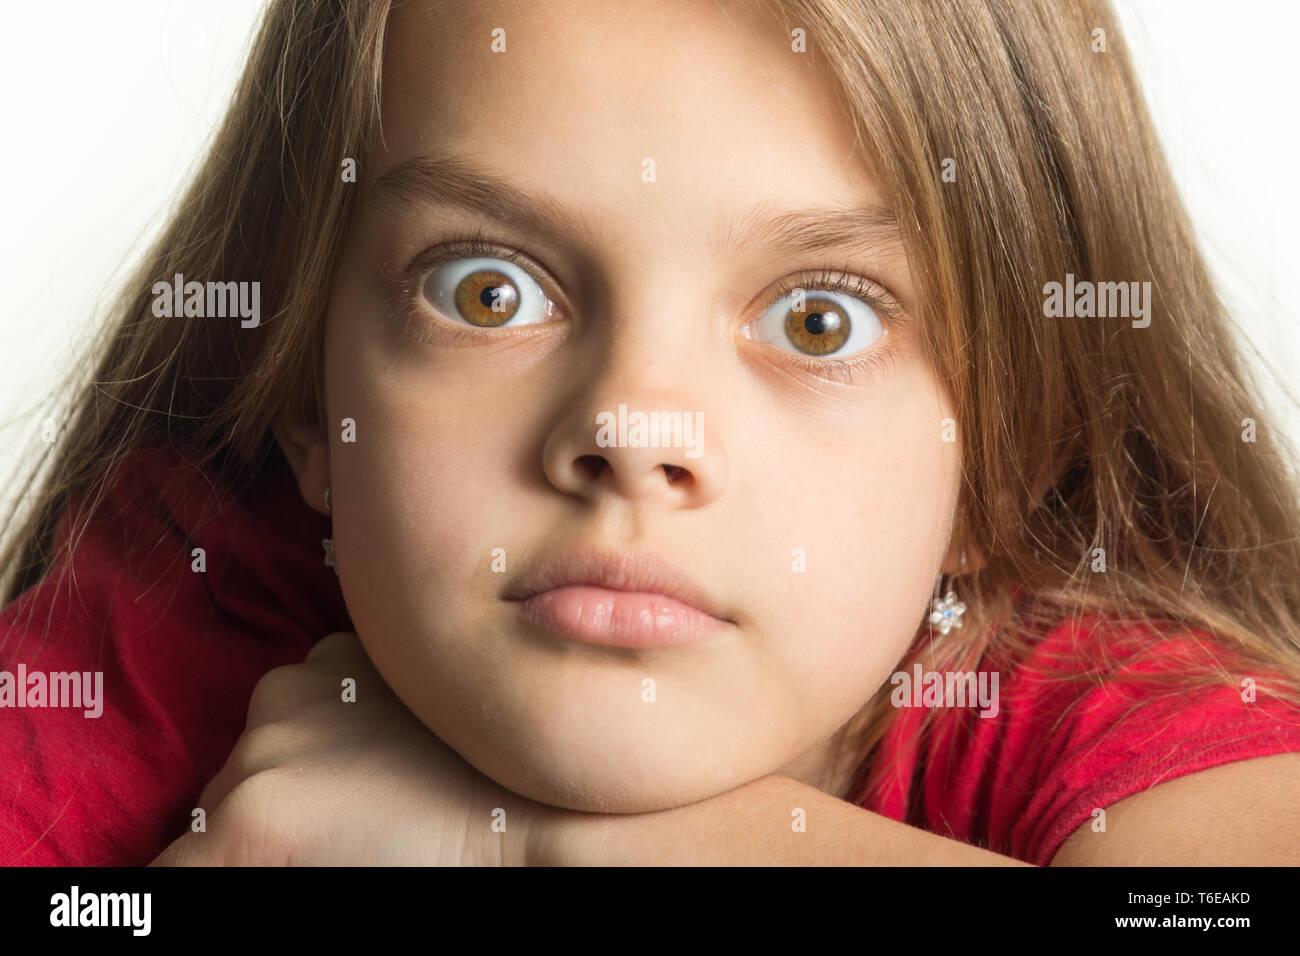 Close-up retrato de una adolescente con los ojos saltones Foto de stock